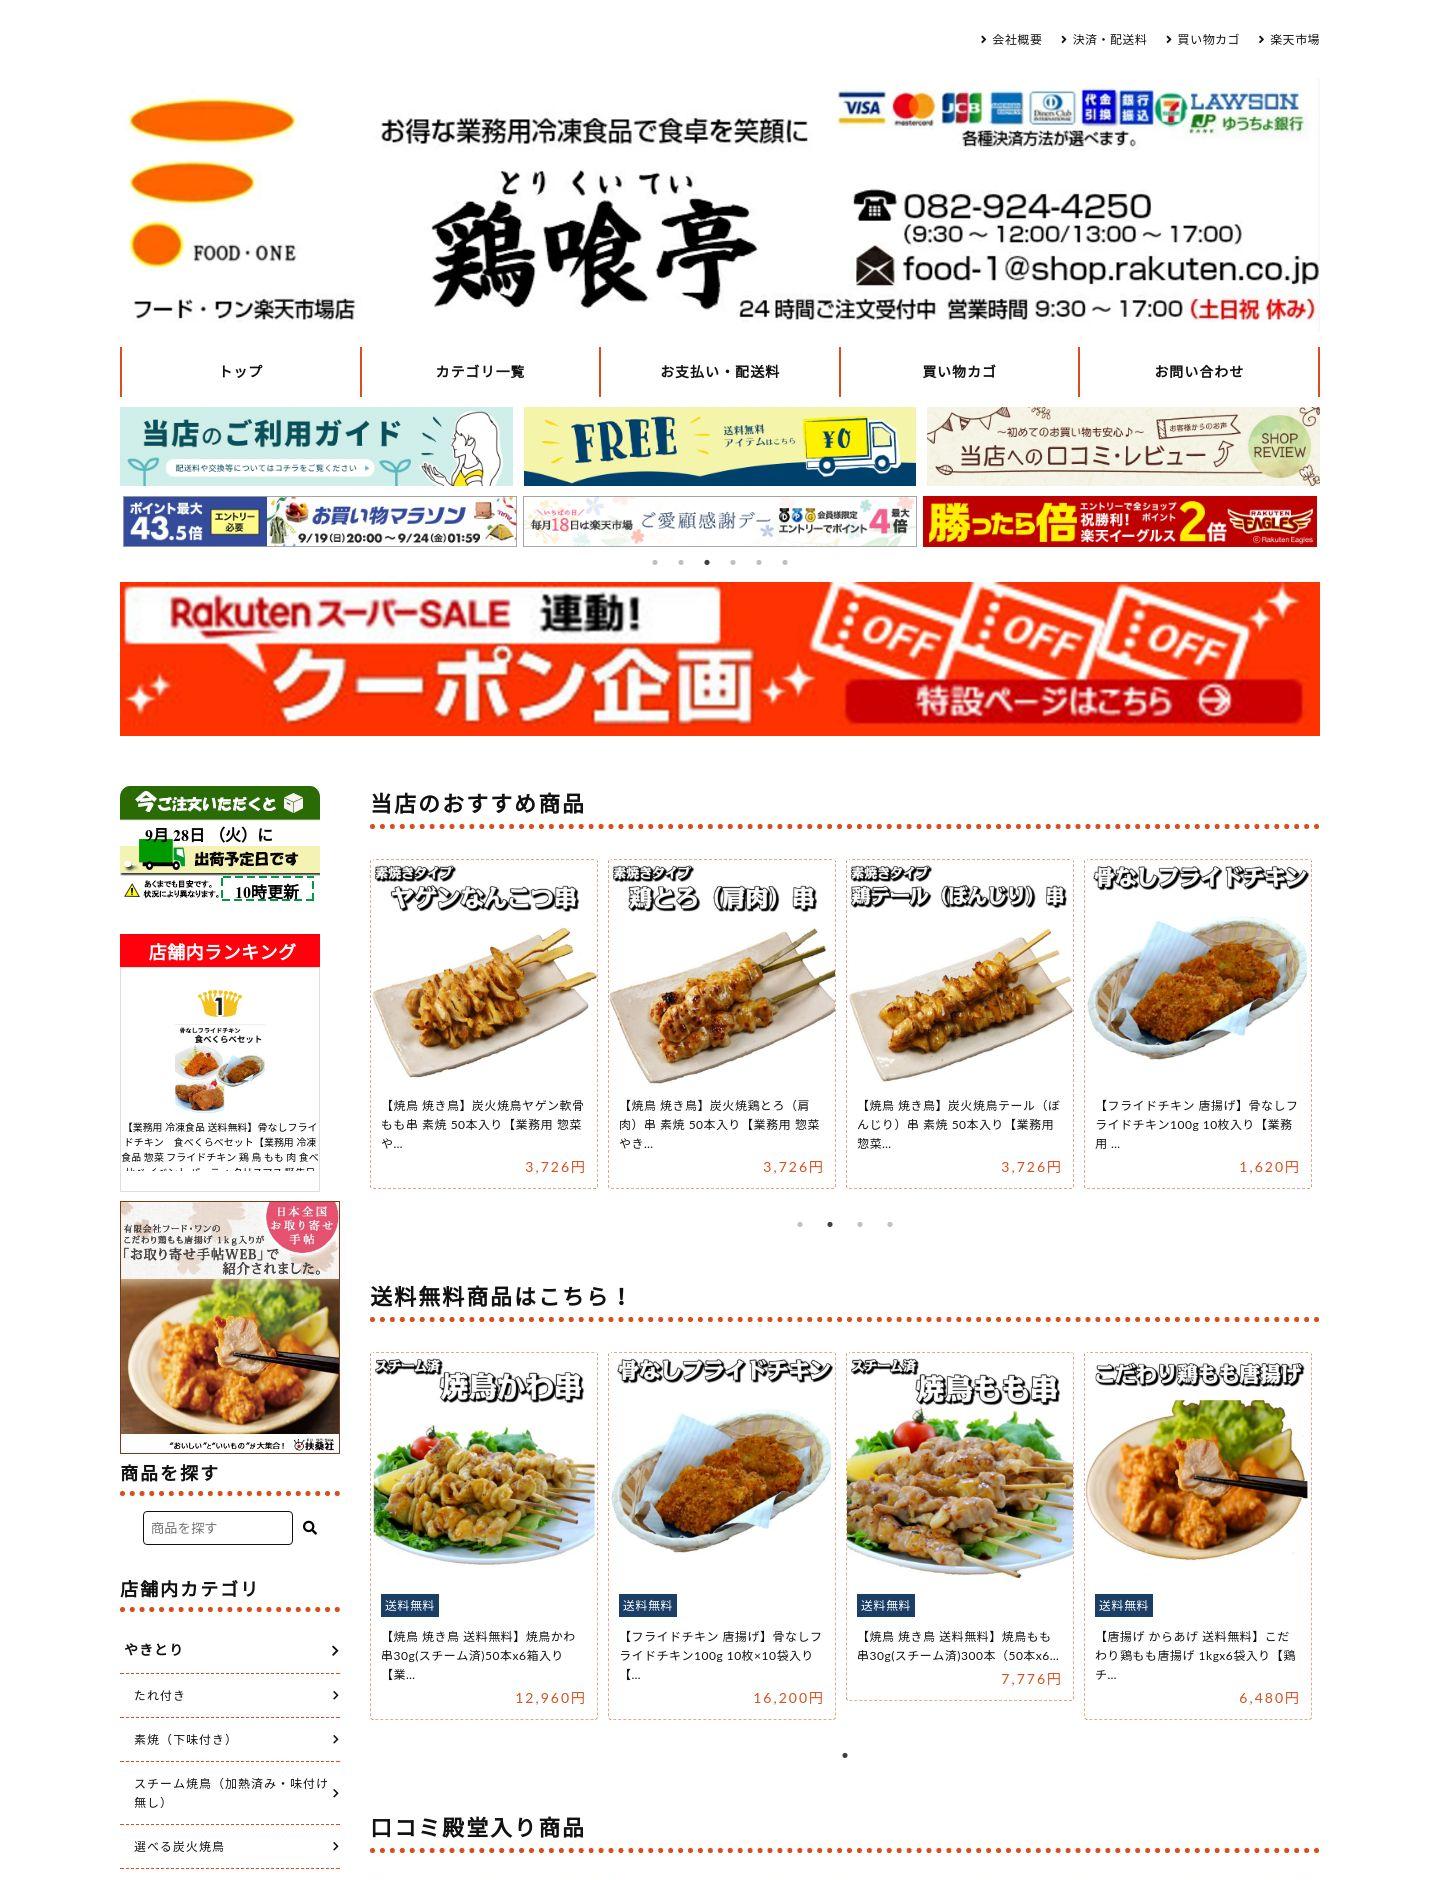 フード・ワン 楽天市場店様 サイト画像